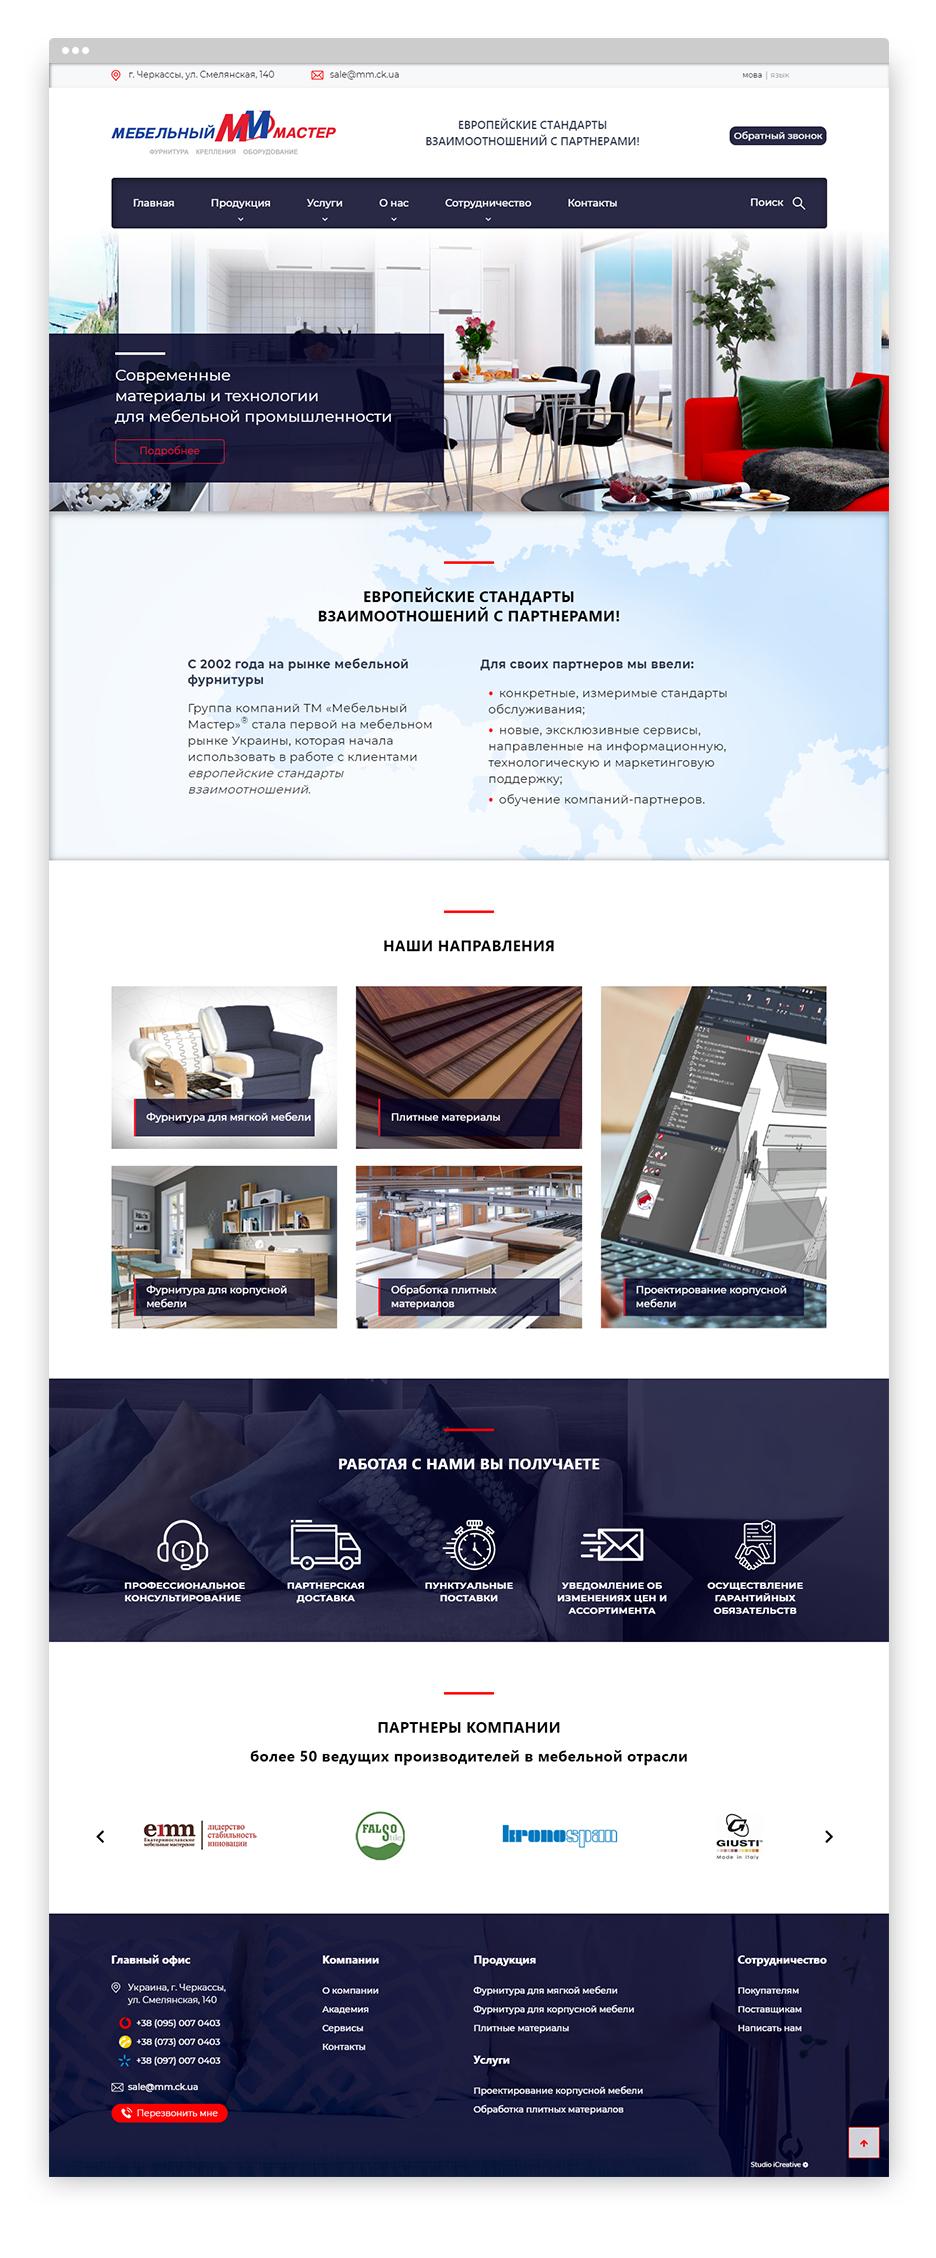 icreative.com.ua_btb_portfolio_1